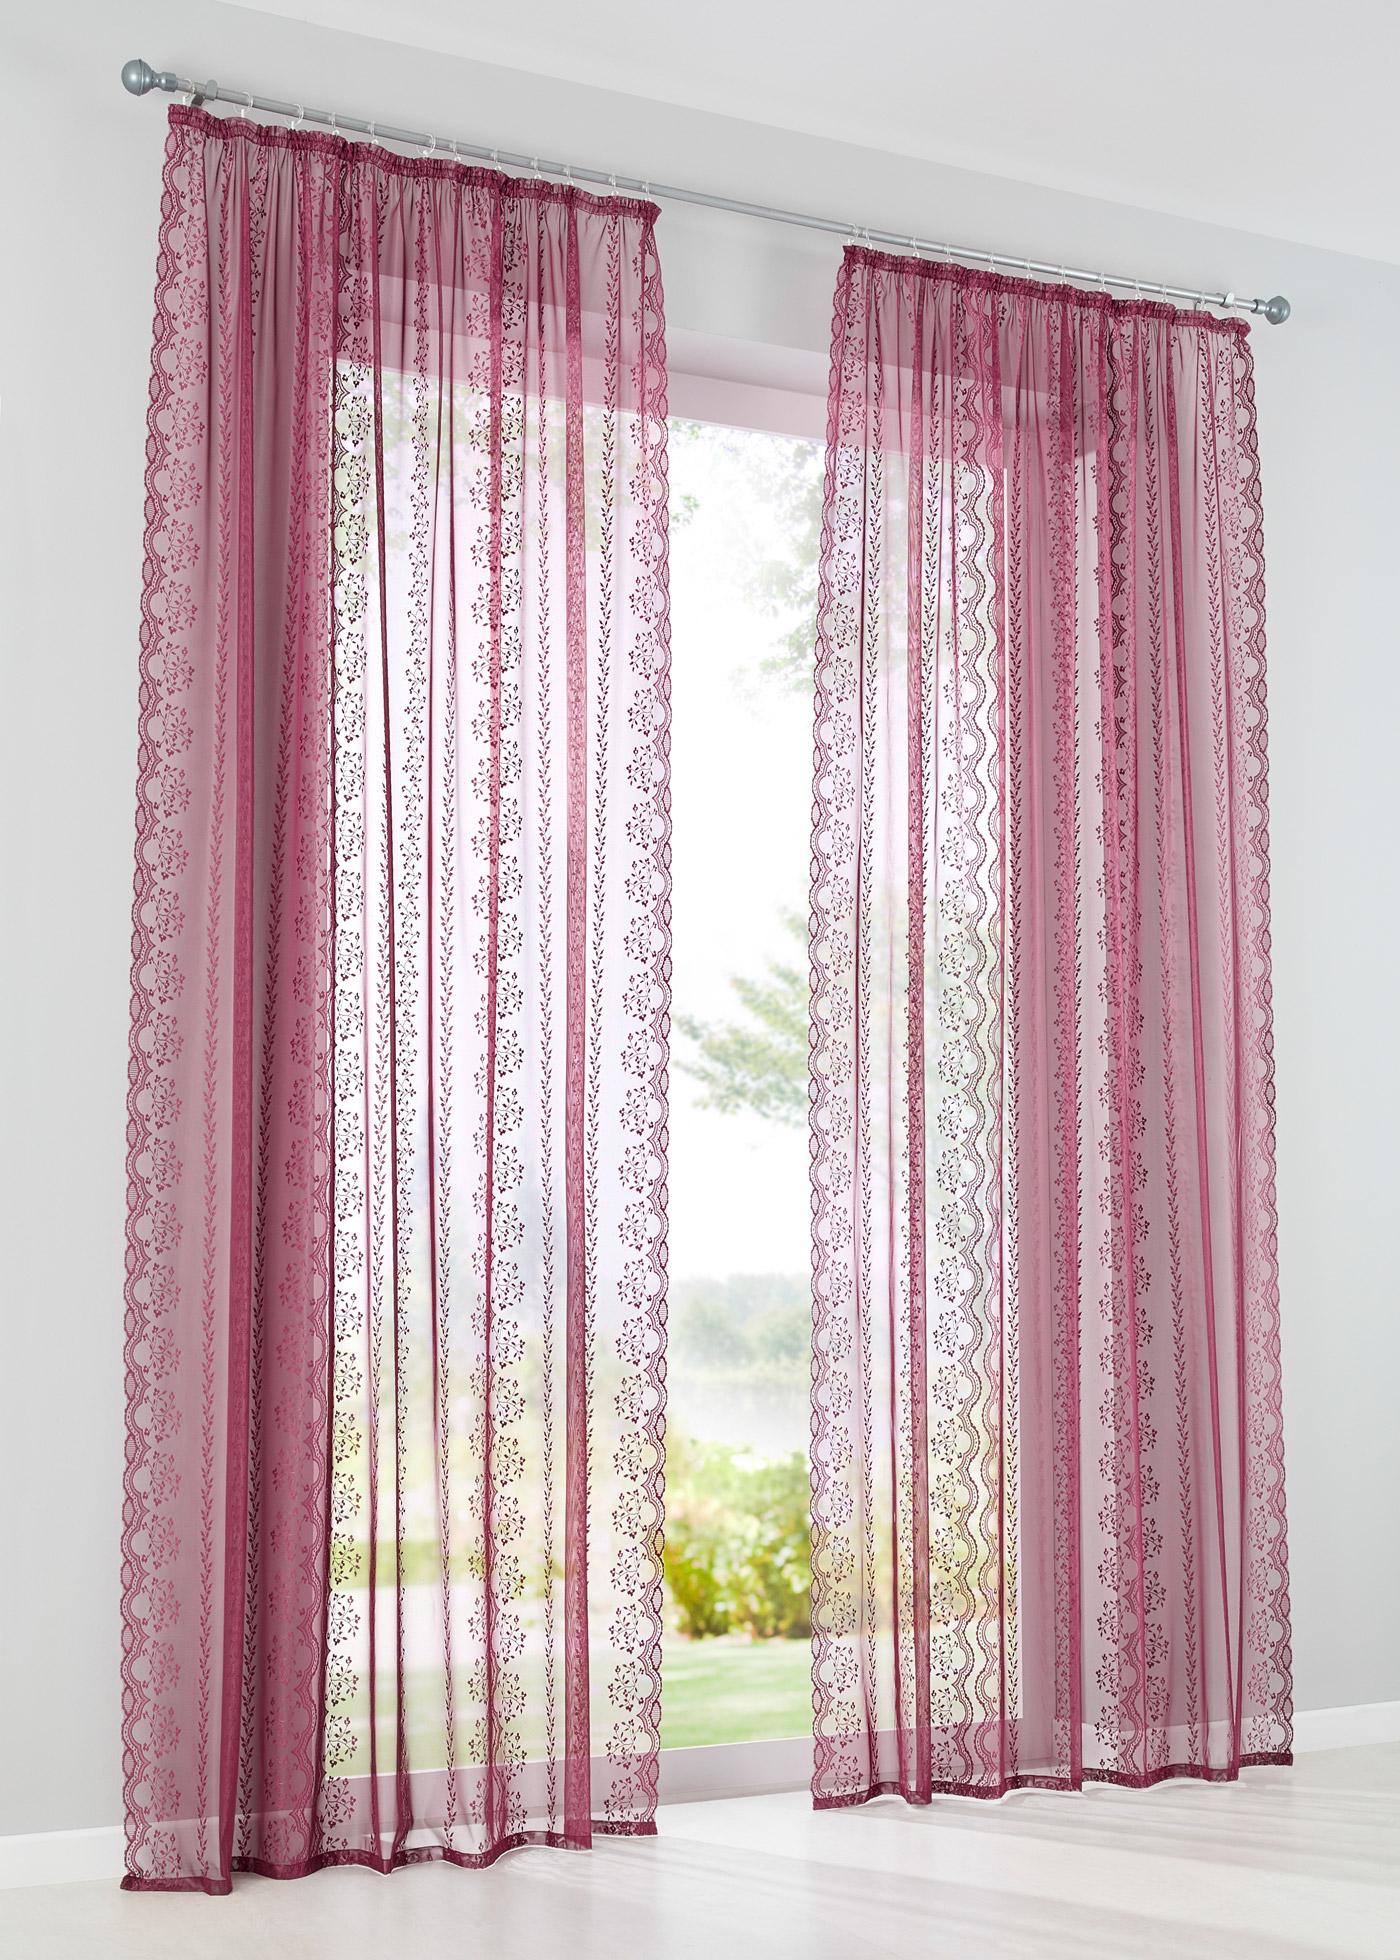 Voilage transparent, tissu jacquard de qualité élevé à motif féminin, dimensions = dimensions du tissu.